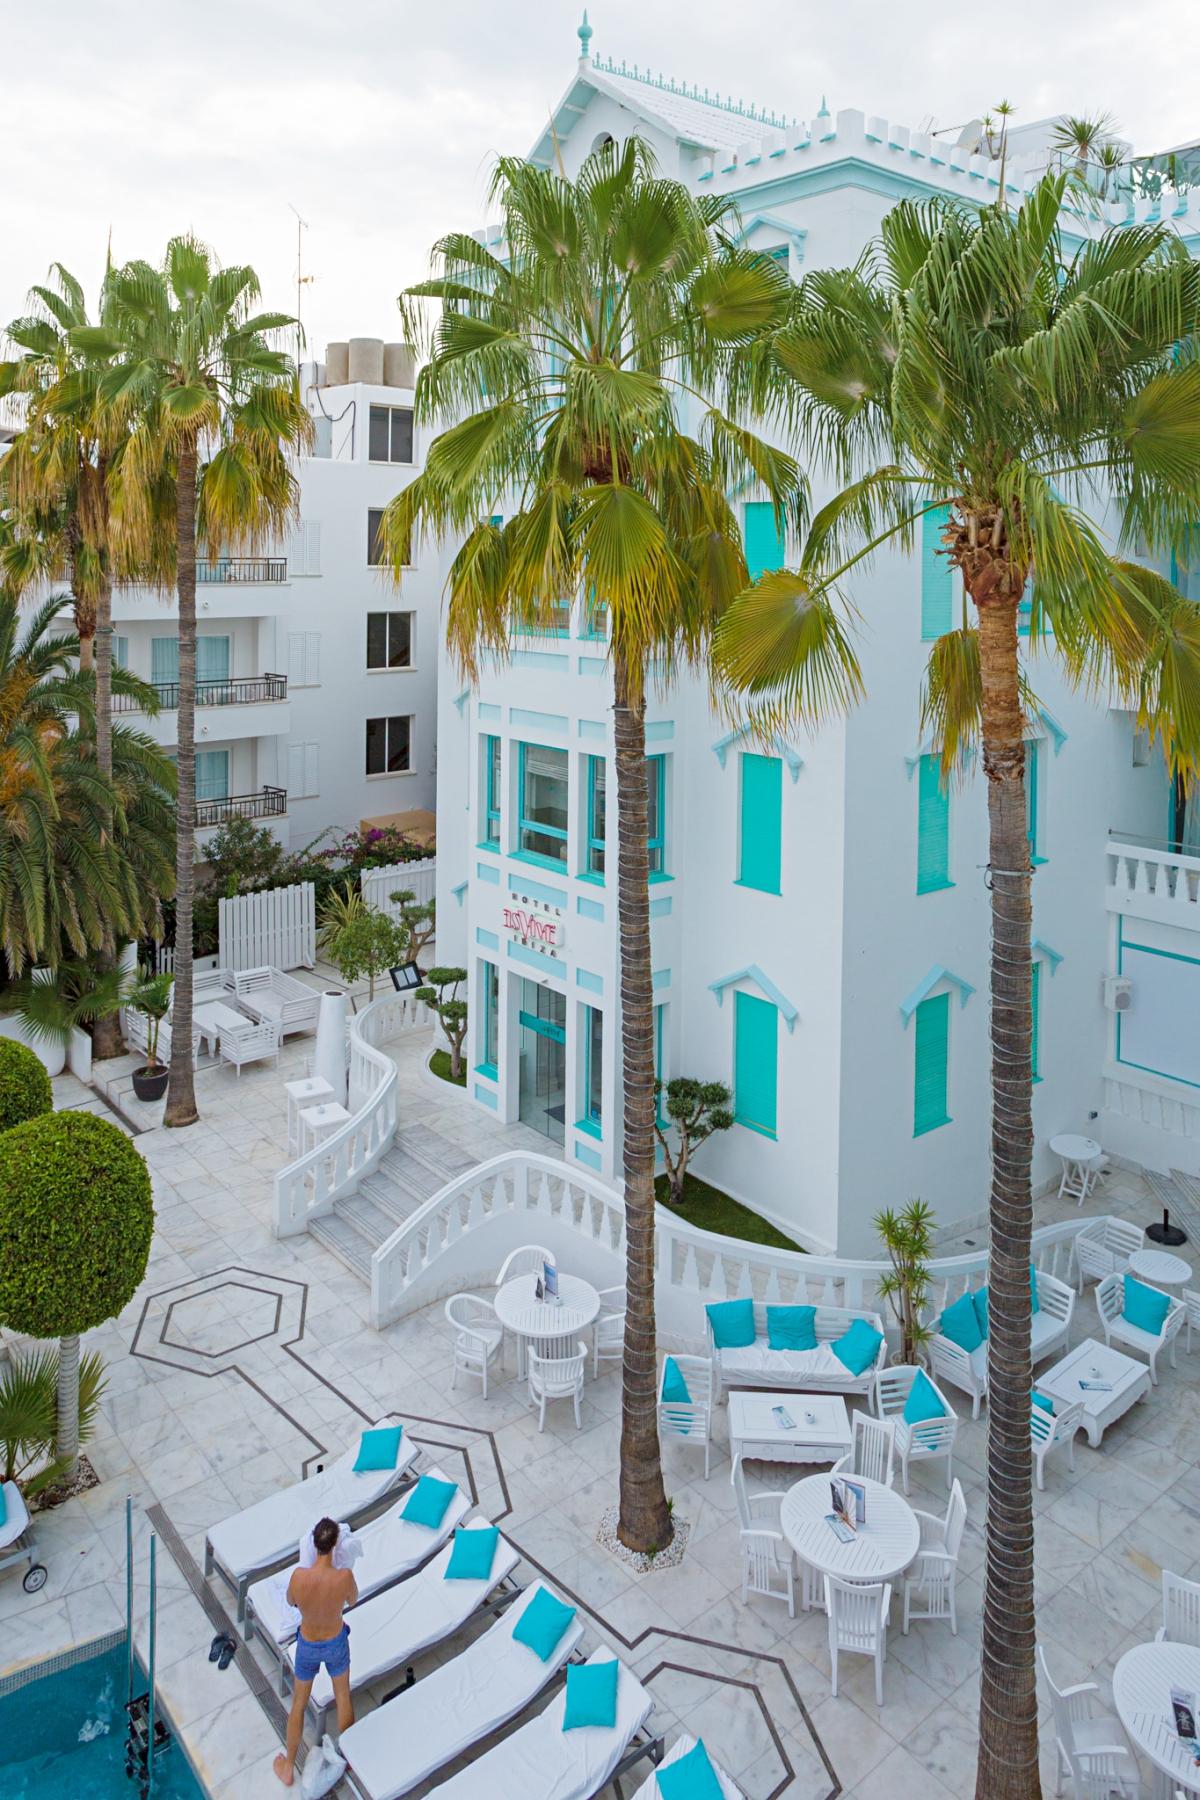 Vista de la fachada blanca y las palmeras del hotel Es Viver (Ibiza).